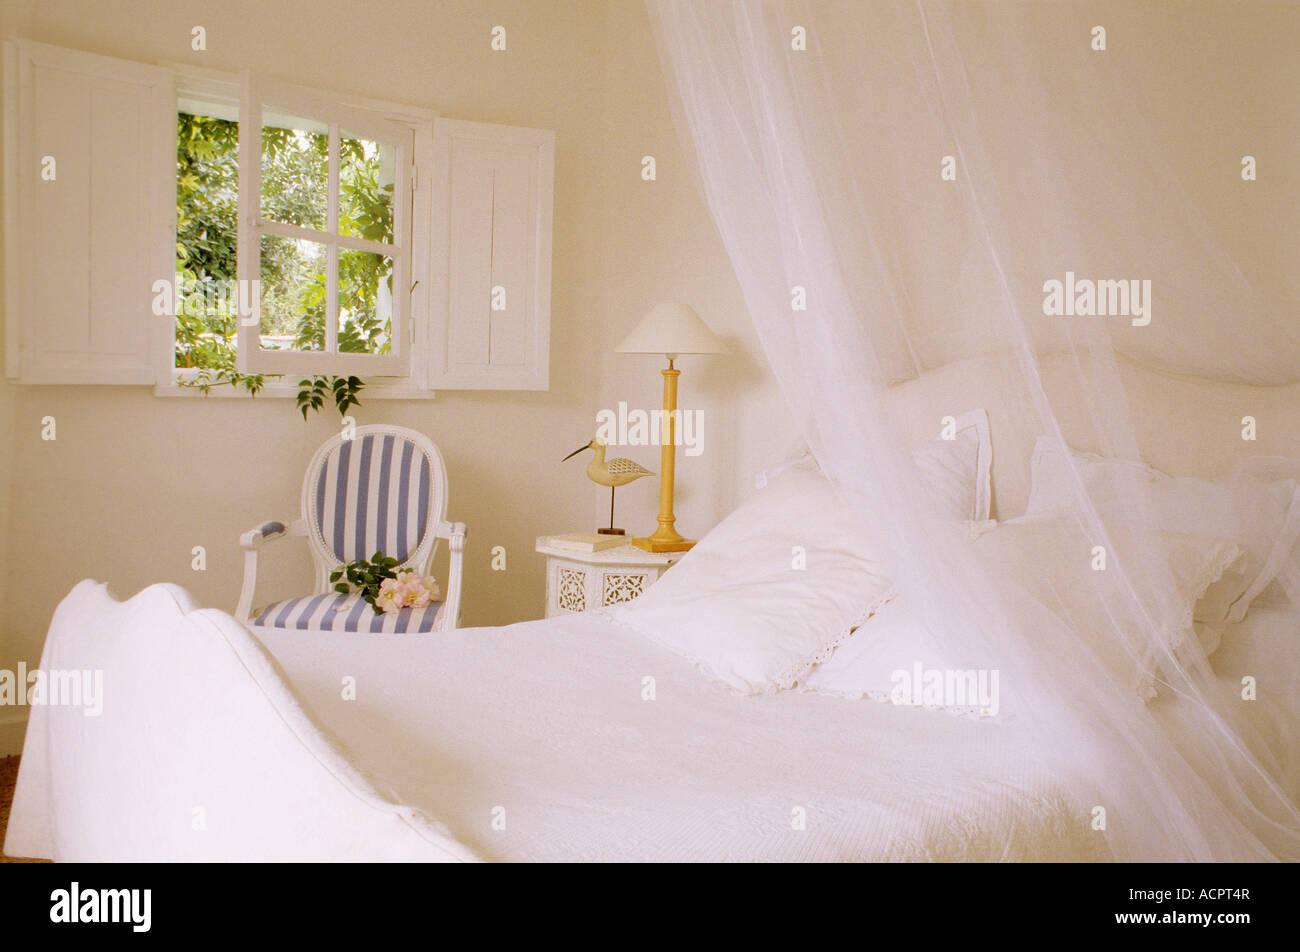 Chambre ambiance blanc fenêtre ouverte sur la verdure Photo Stock